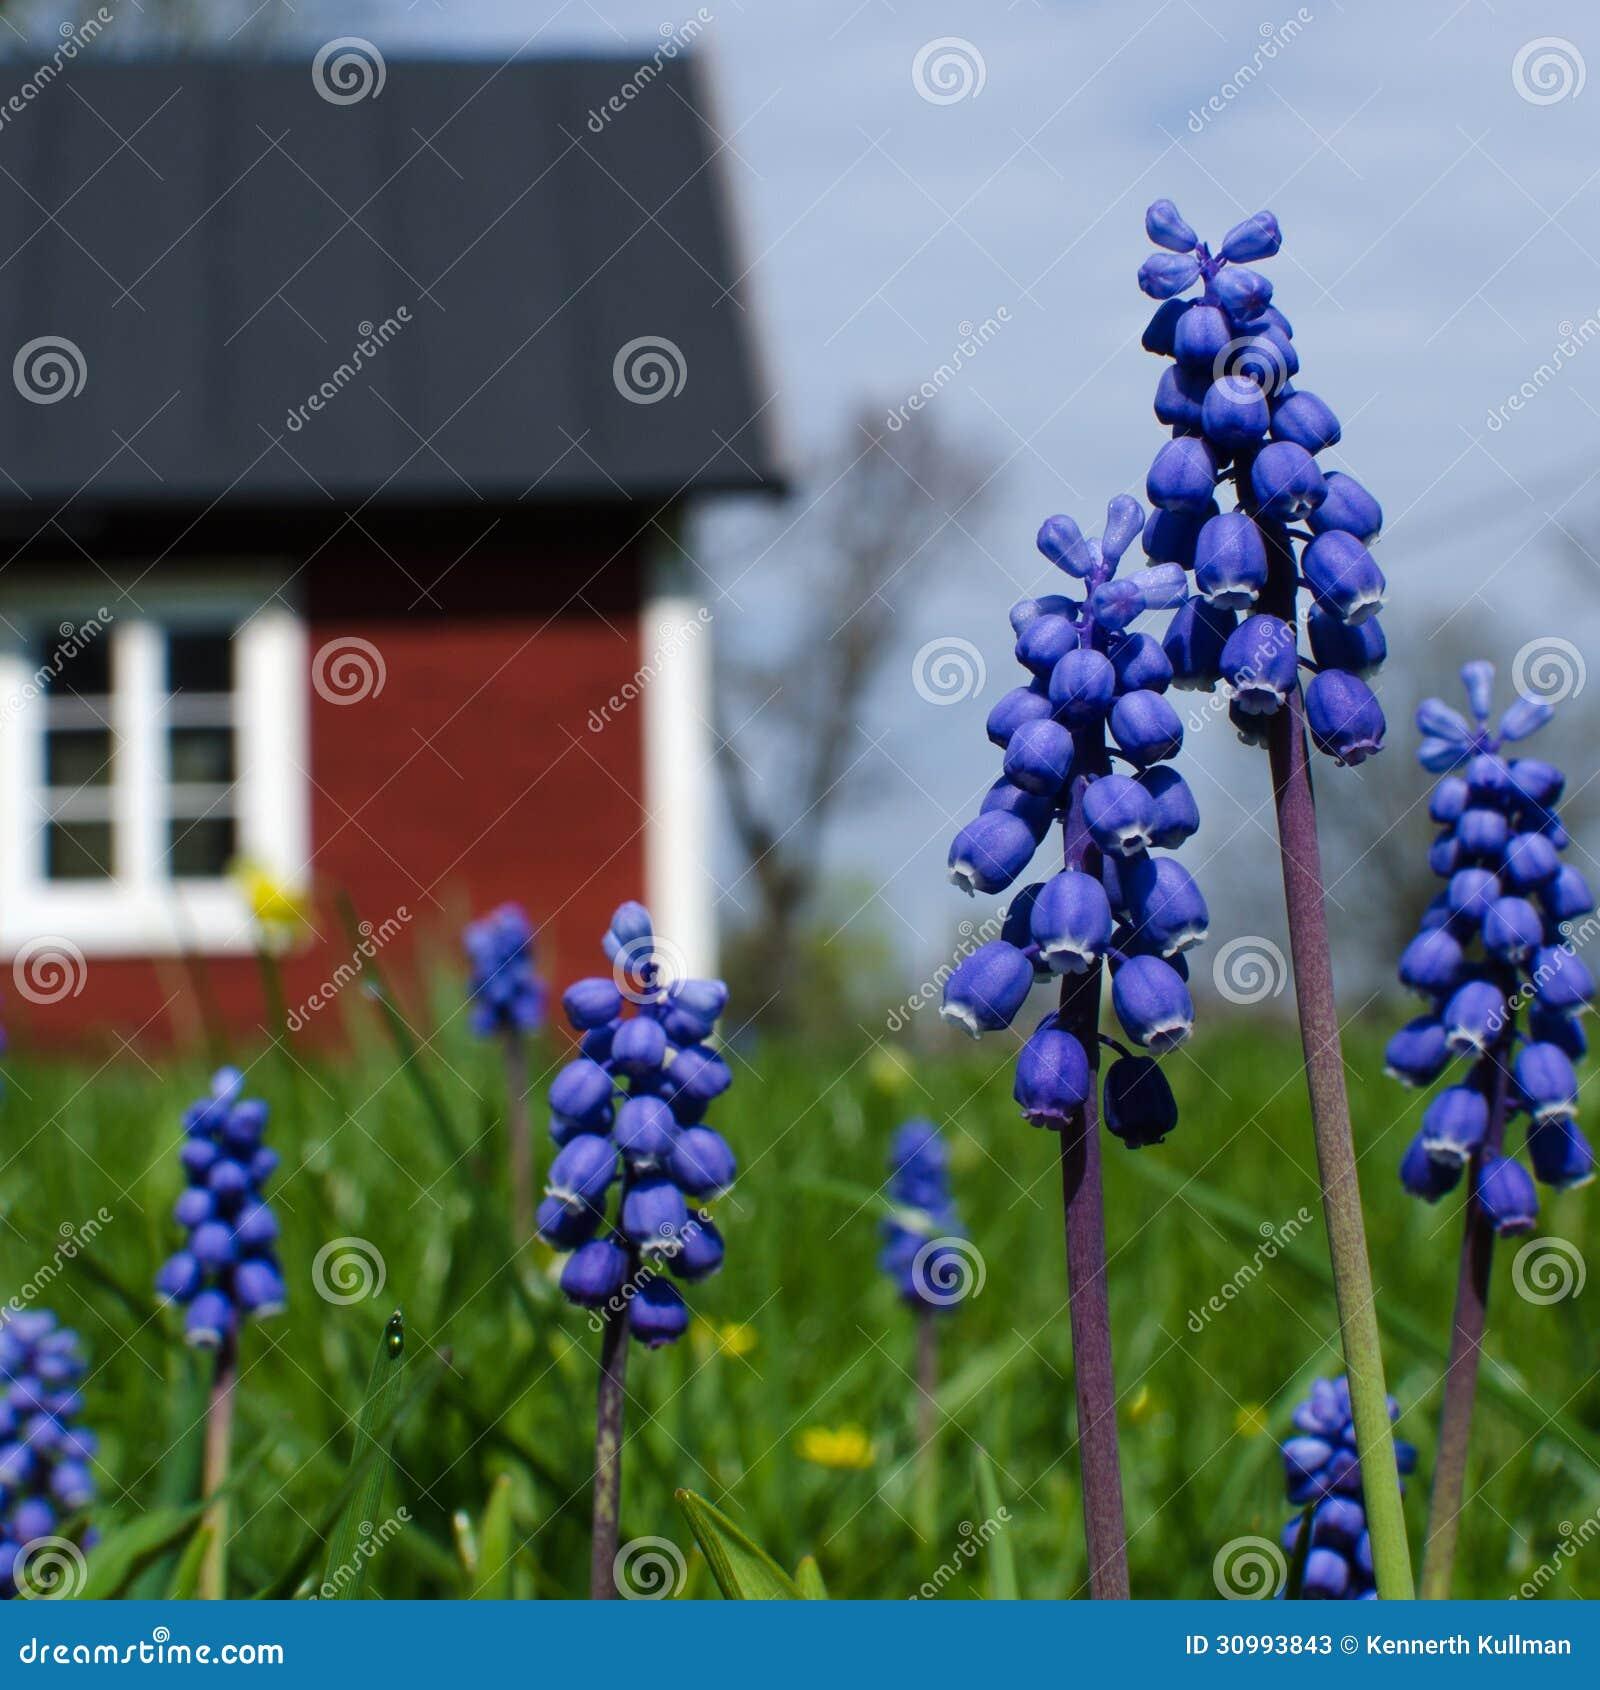 Blaue gartenblumen Stock-Fotos - Melden Sie sich kostenlos an